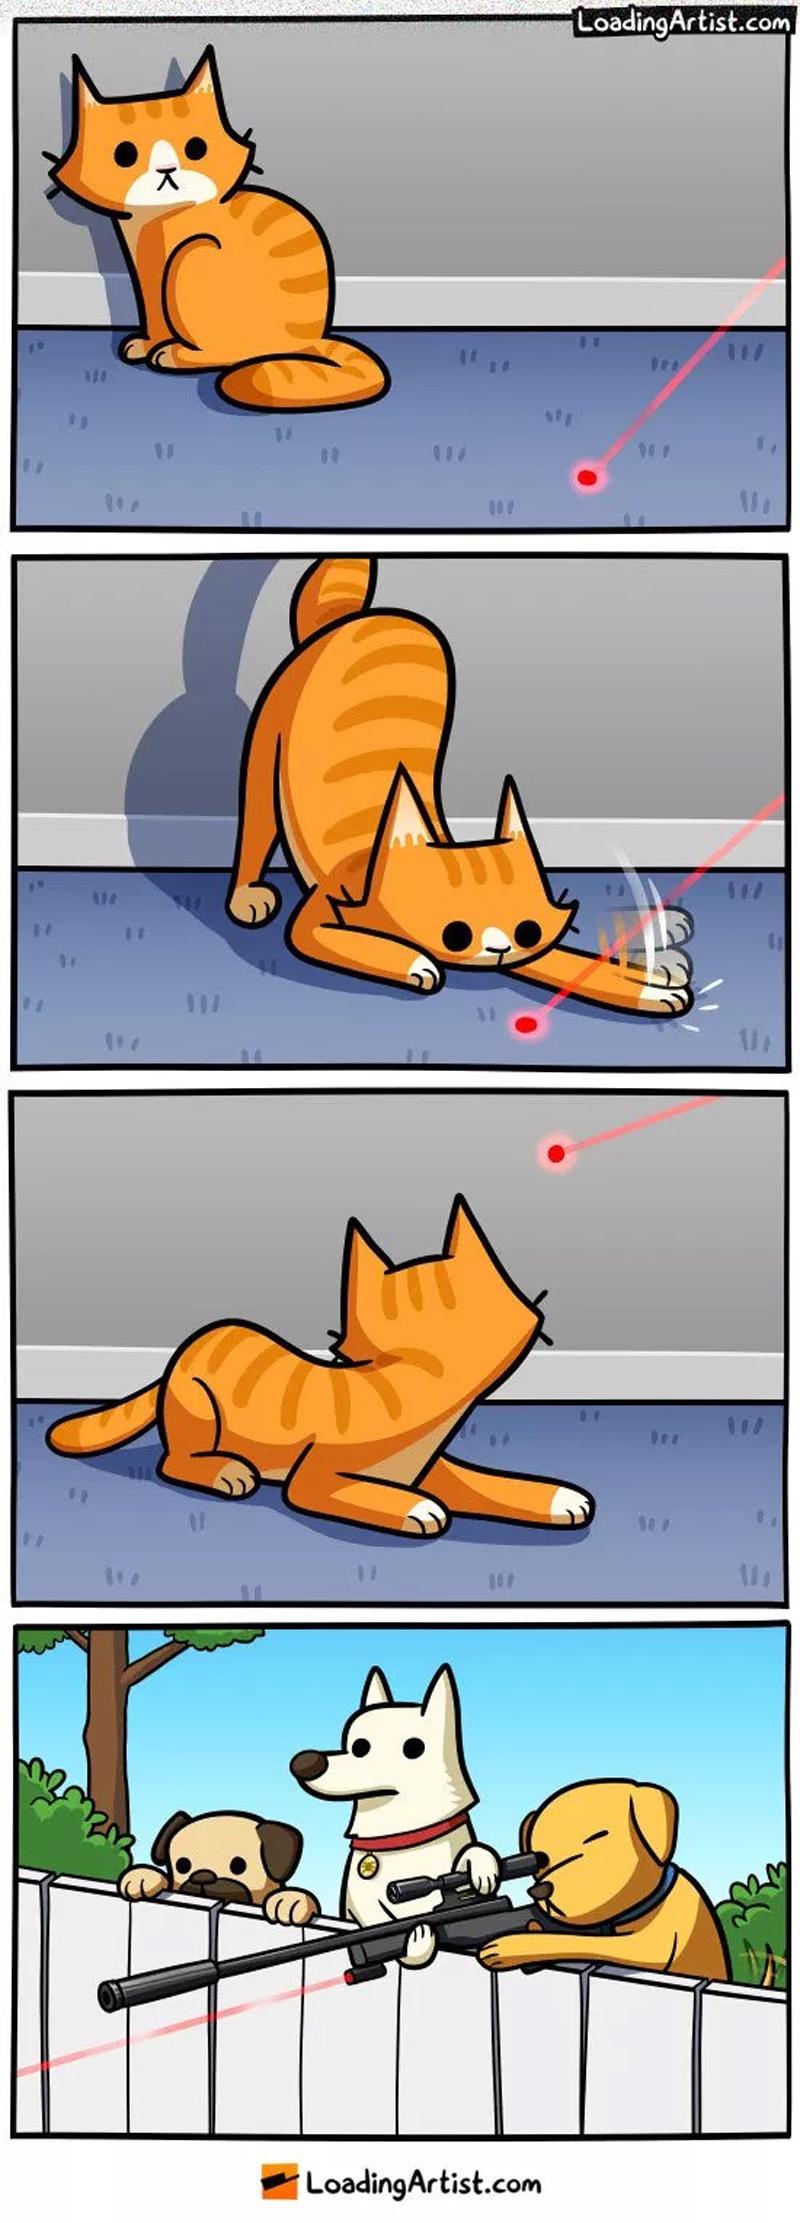 A vingança canina e outros quadrinhos engraçados